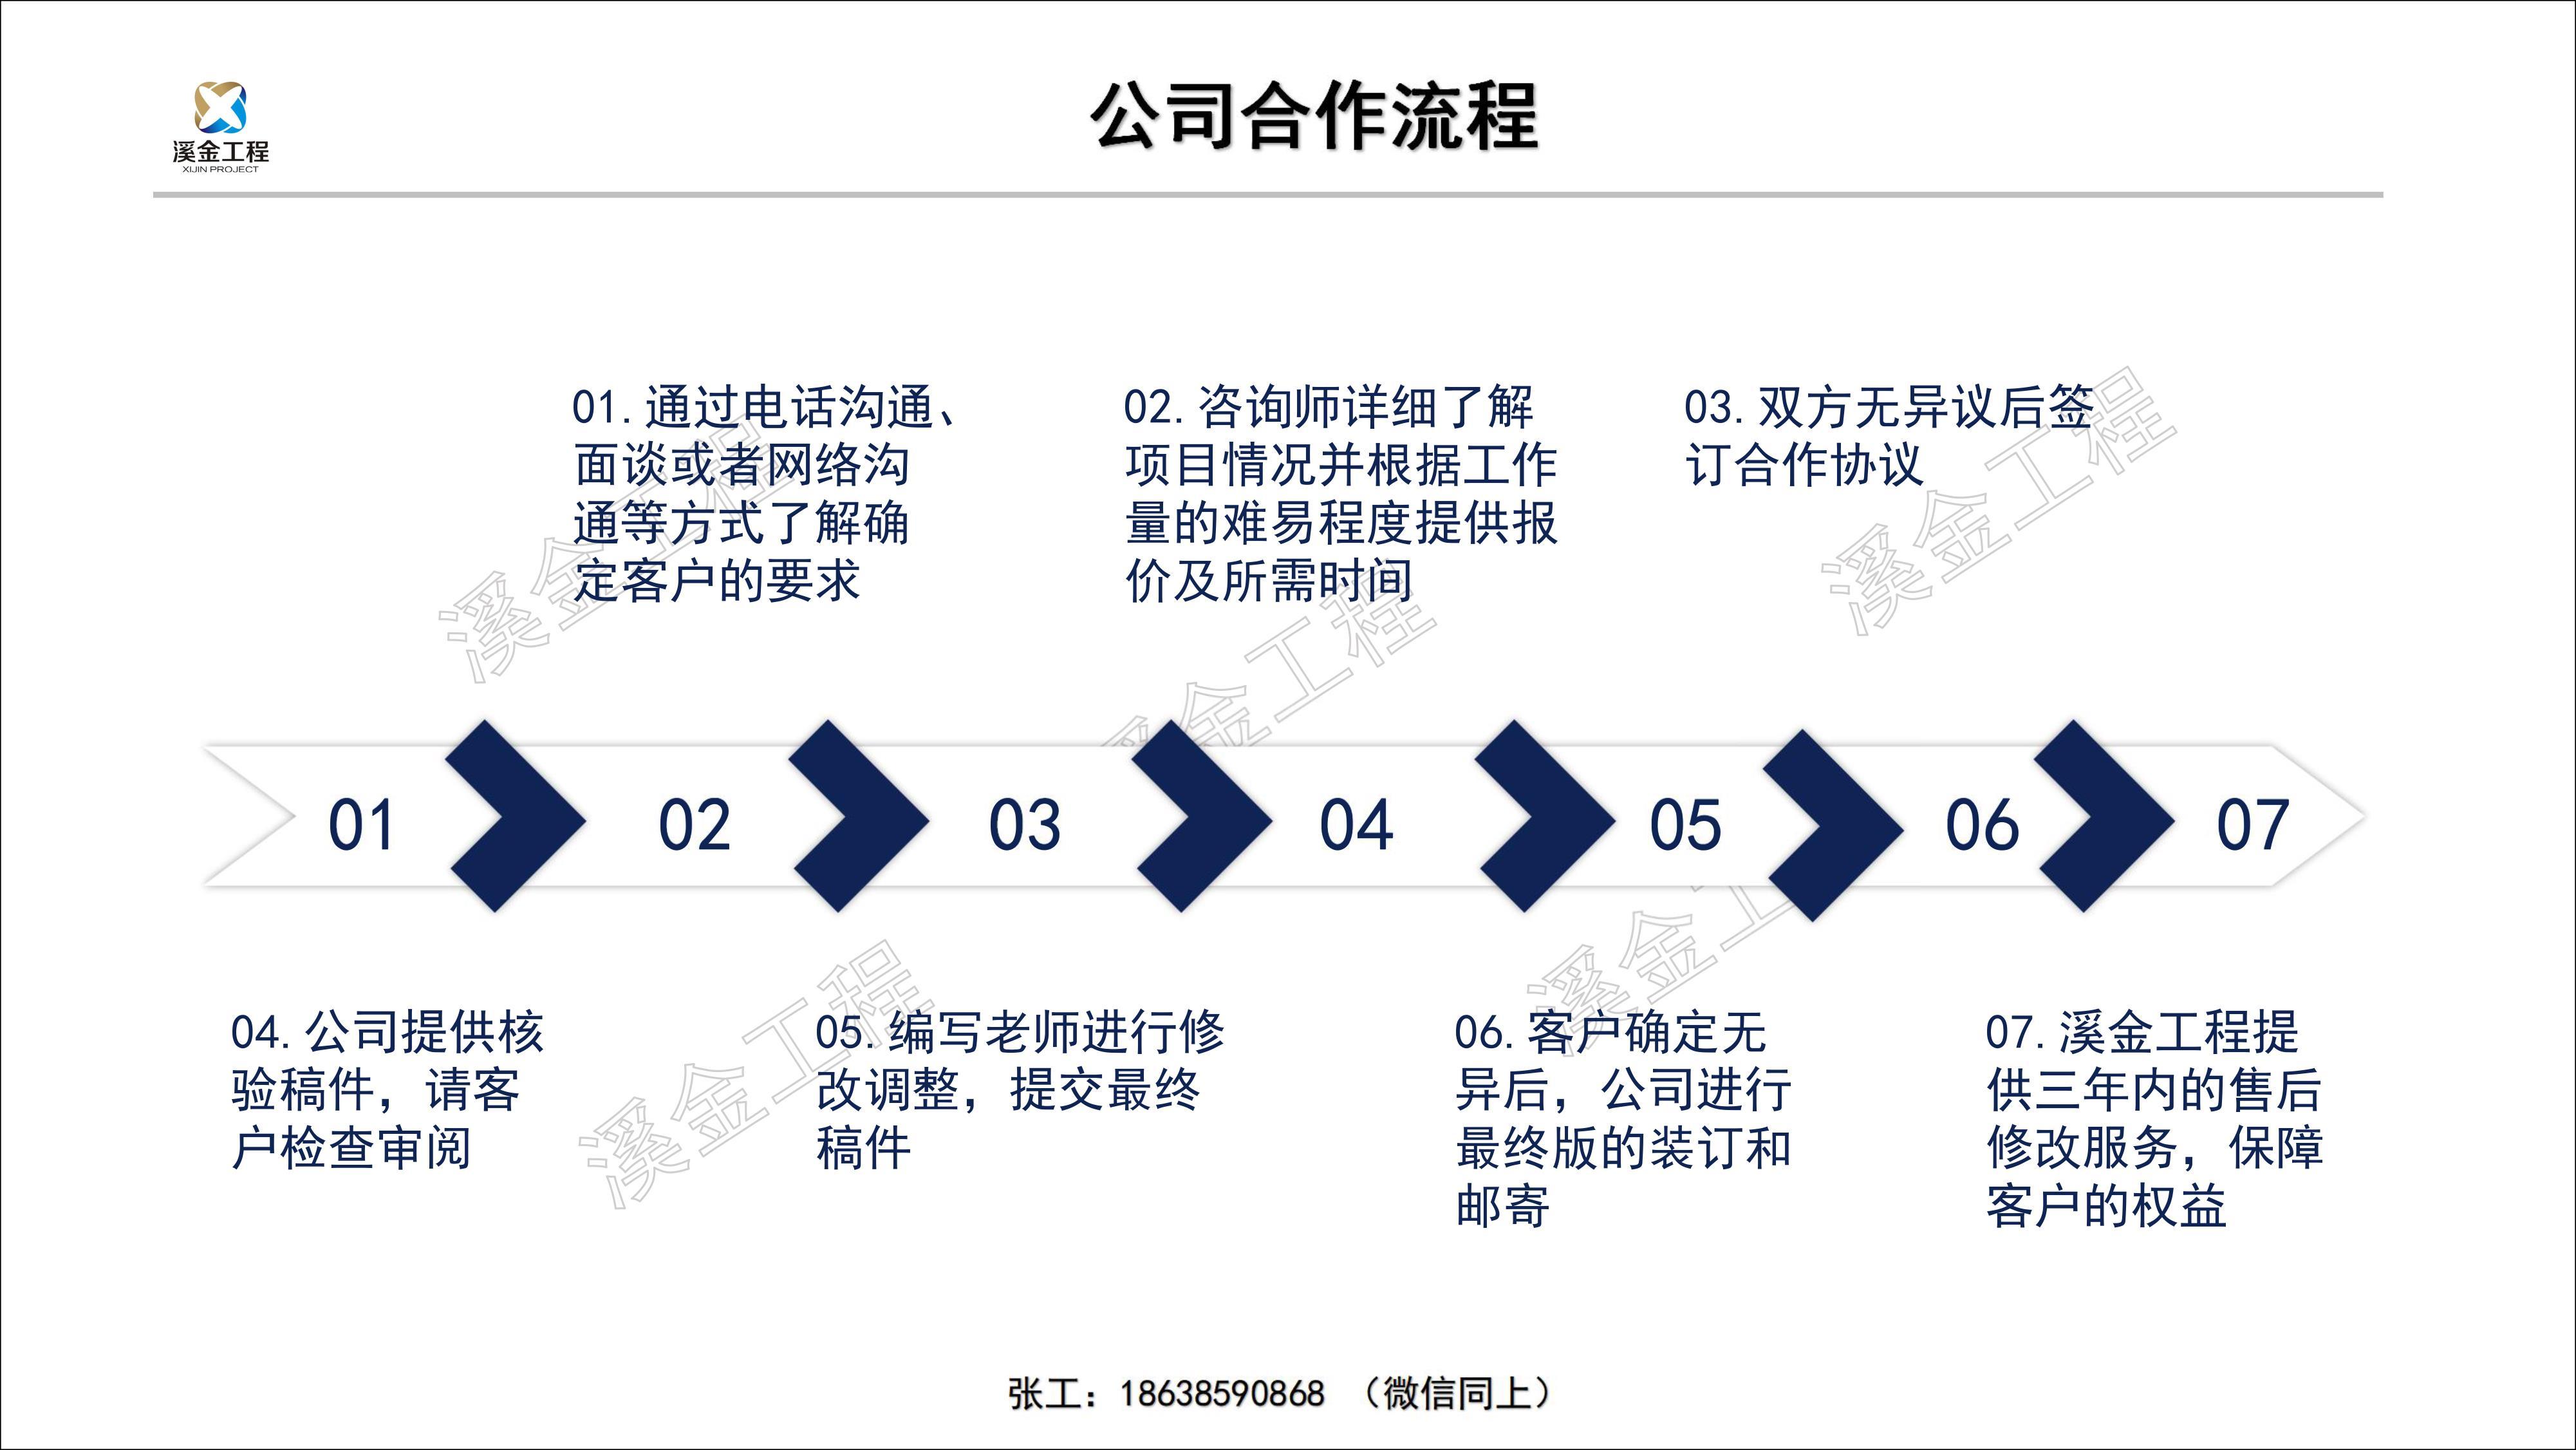 新河县做保洁投标书公司-投标文件的怎么样